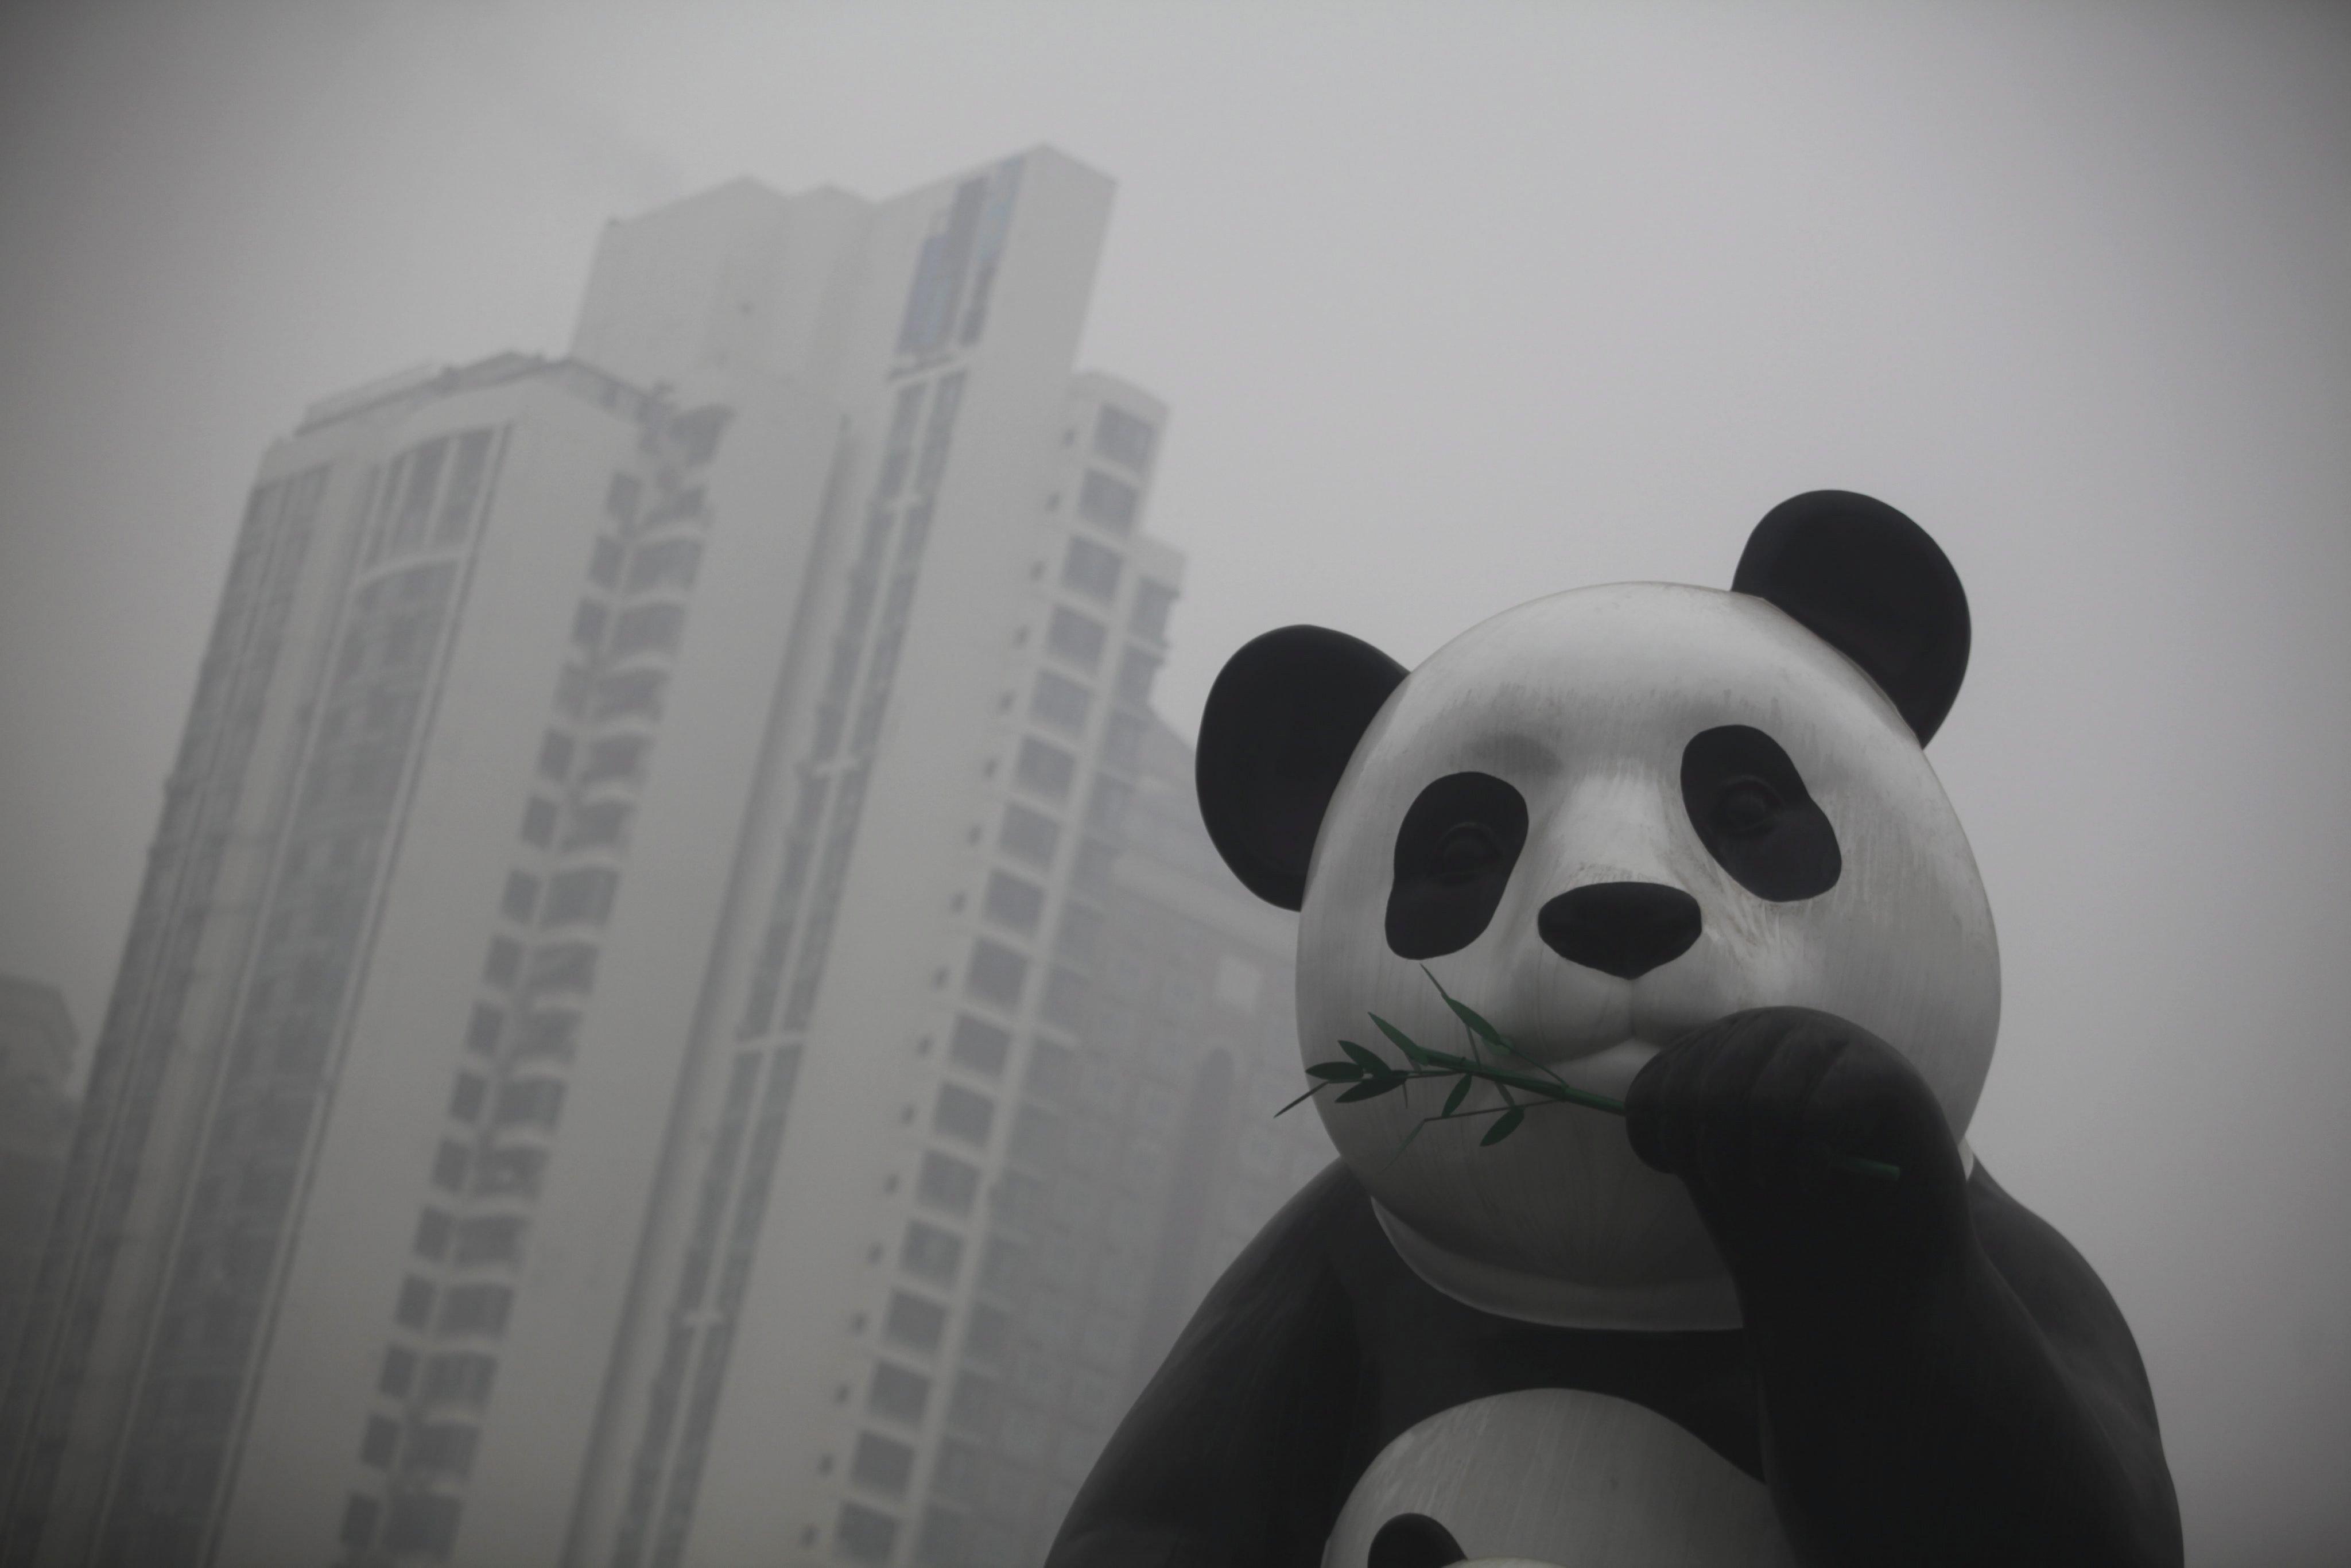 Seit 1990 hat sich der Ausstoß an Treibhausgasen in China versechsfacht. Das macht Städte wie Peking fast unbewohnbar. Jetzt hat sich China verpflichtet, wenigstens ab 2030 den CO2-Ausstoßstabil zu halten, kündigte Staatschef Xi Jinping an.